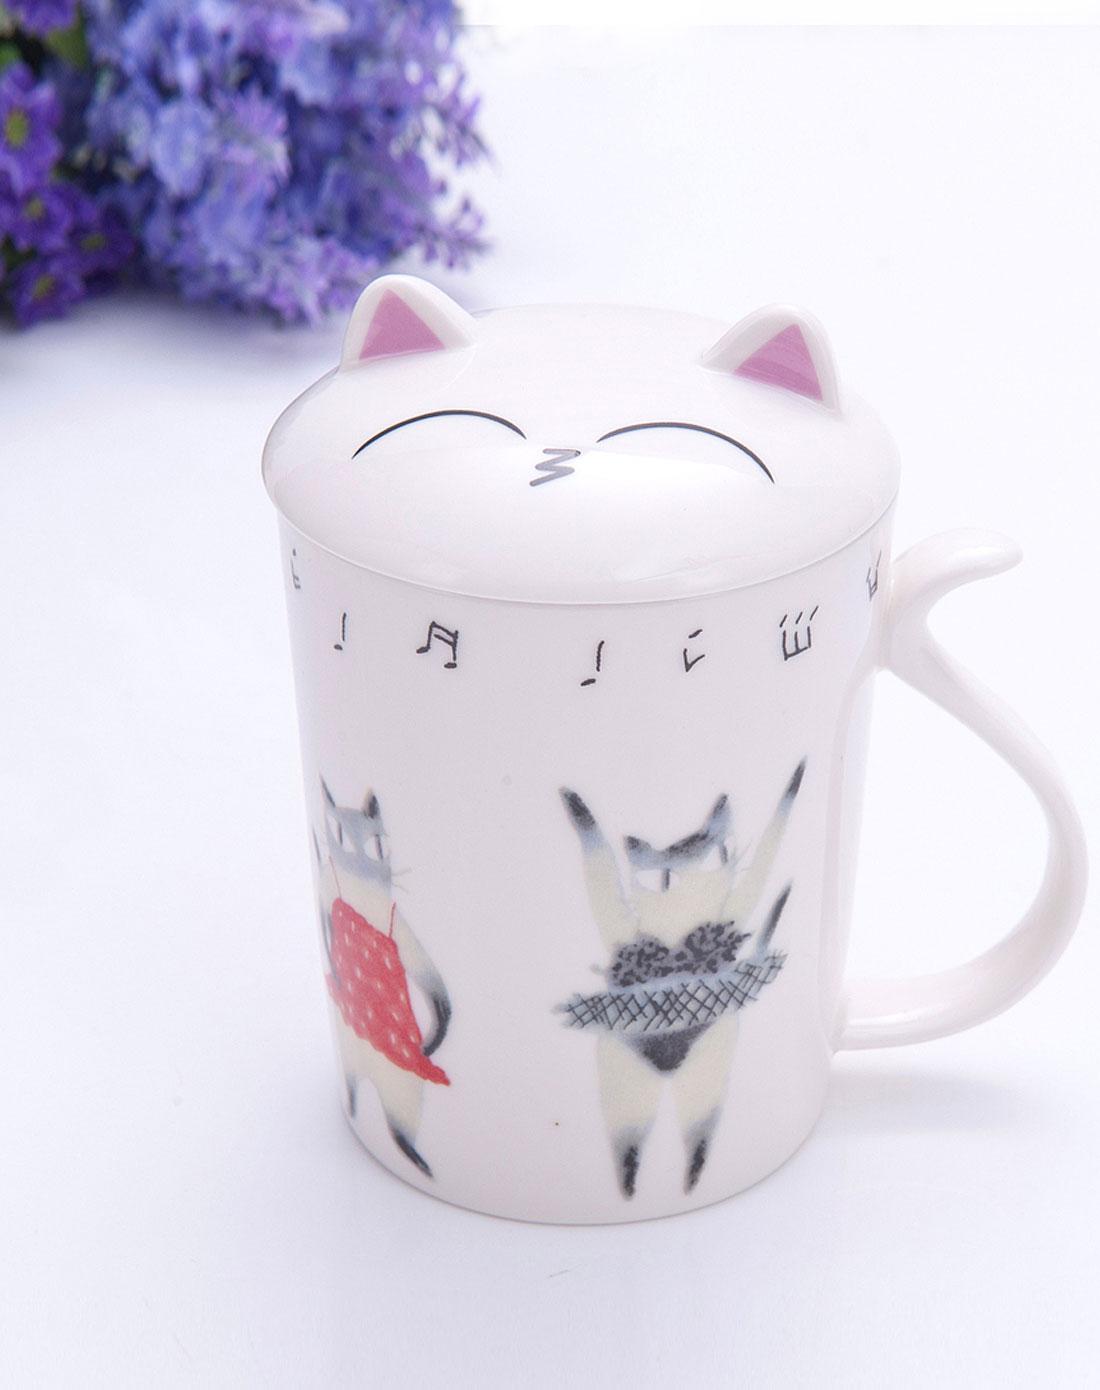 乐巢lovhome家居用品专场猫儿跳舞杯e2060432014113